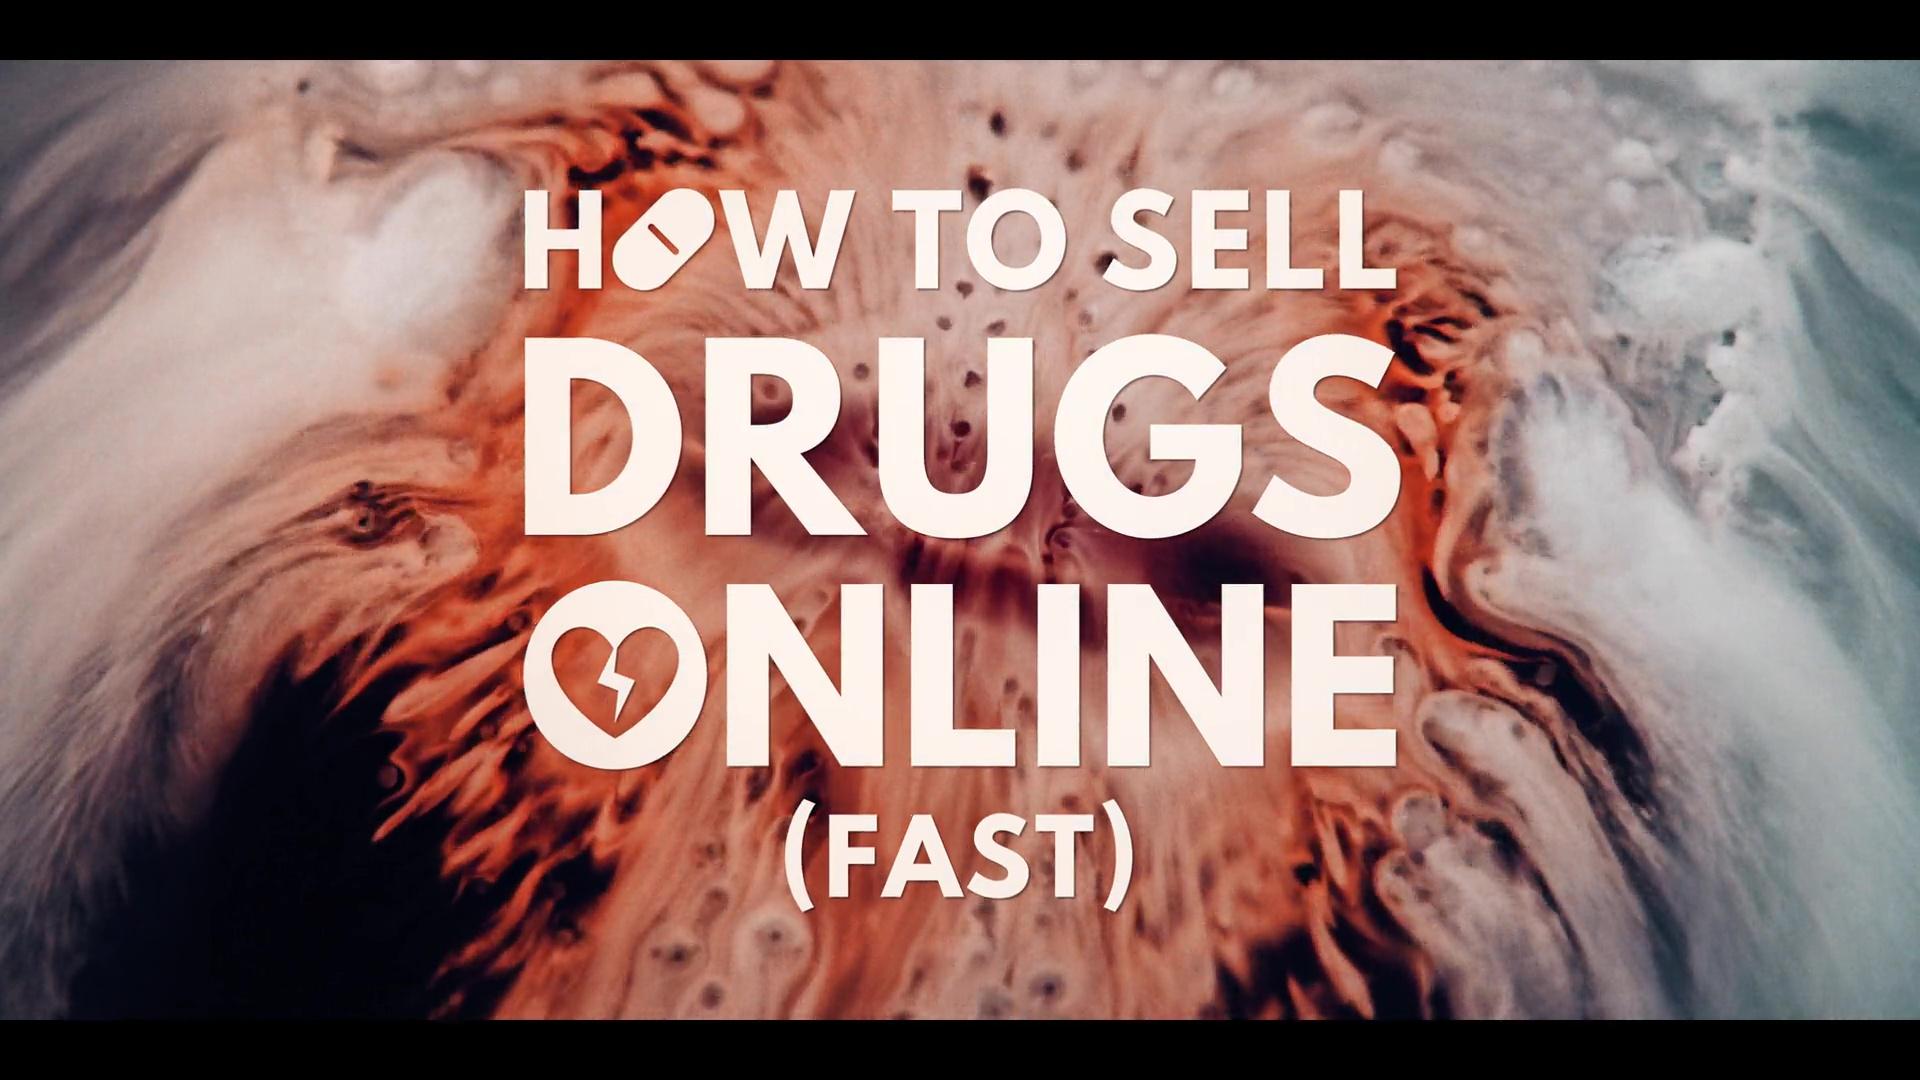 Cómo vender drogas online (rápido) (2021) Temporada 3 1080p WEB-DL Latino